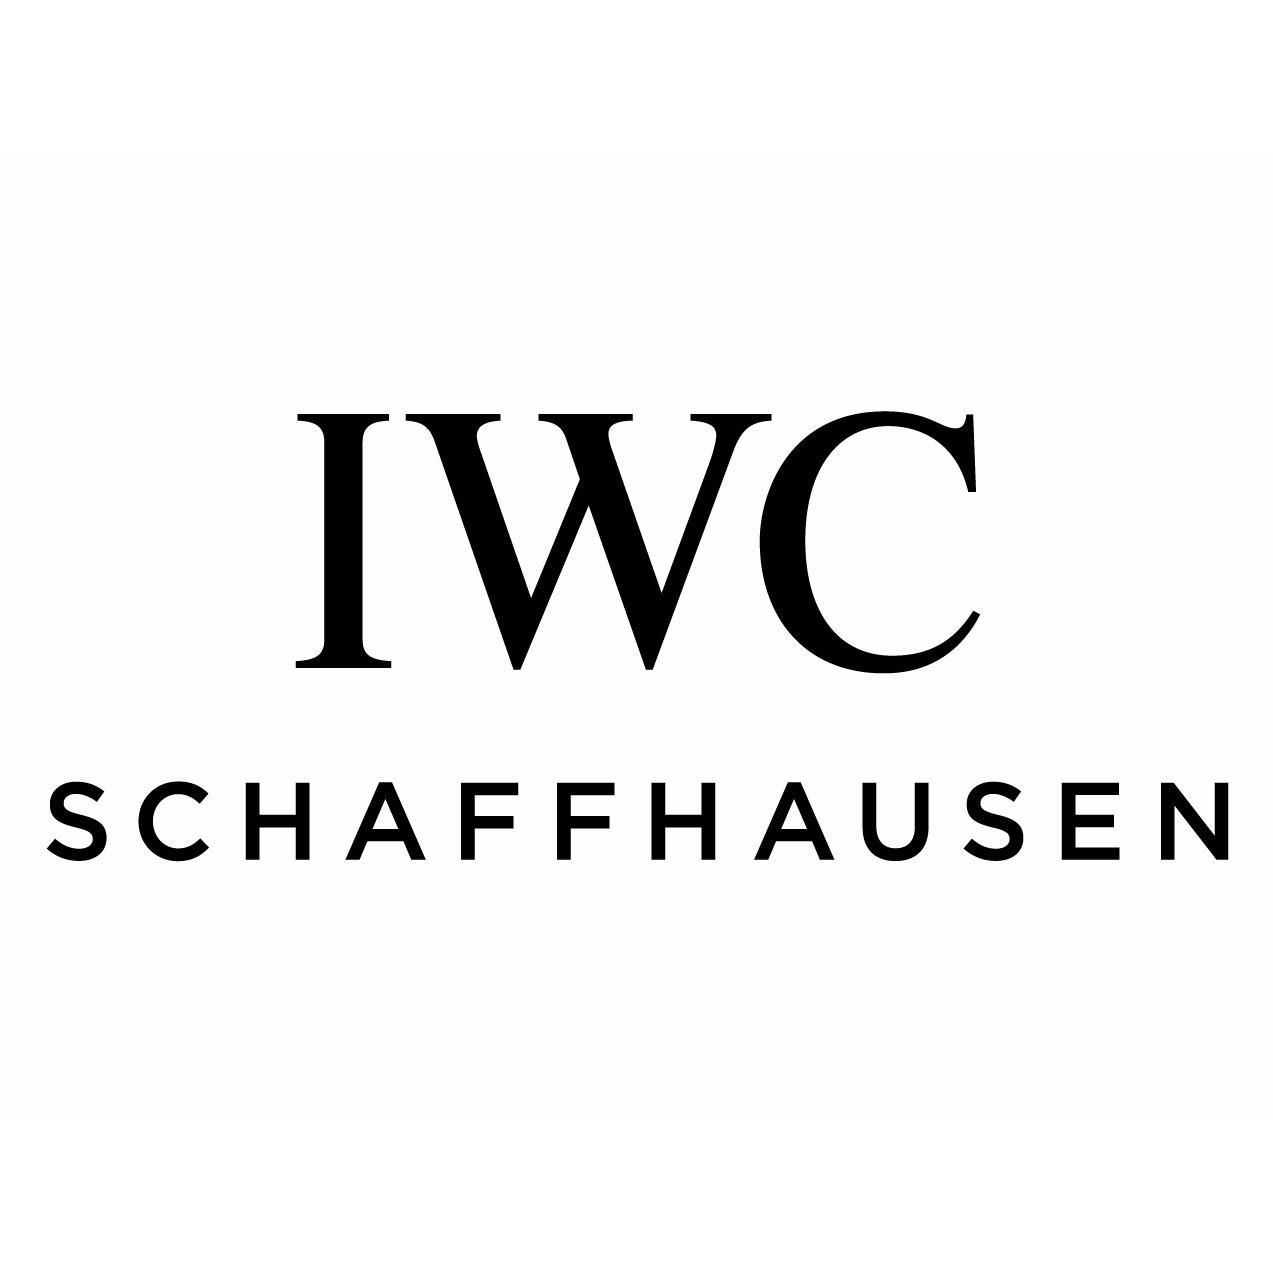 IWC 신세계백화점 강남점